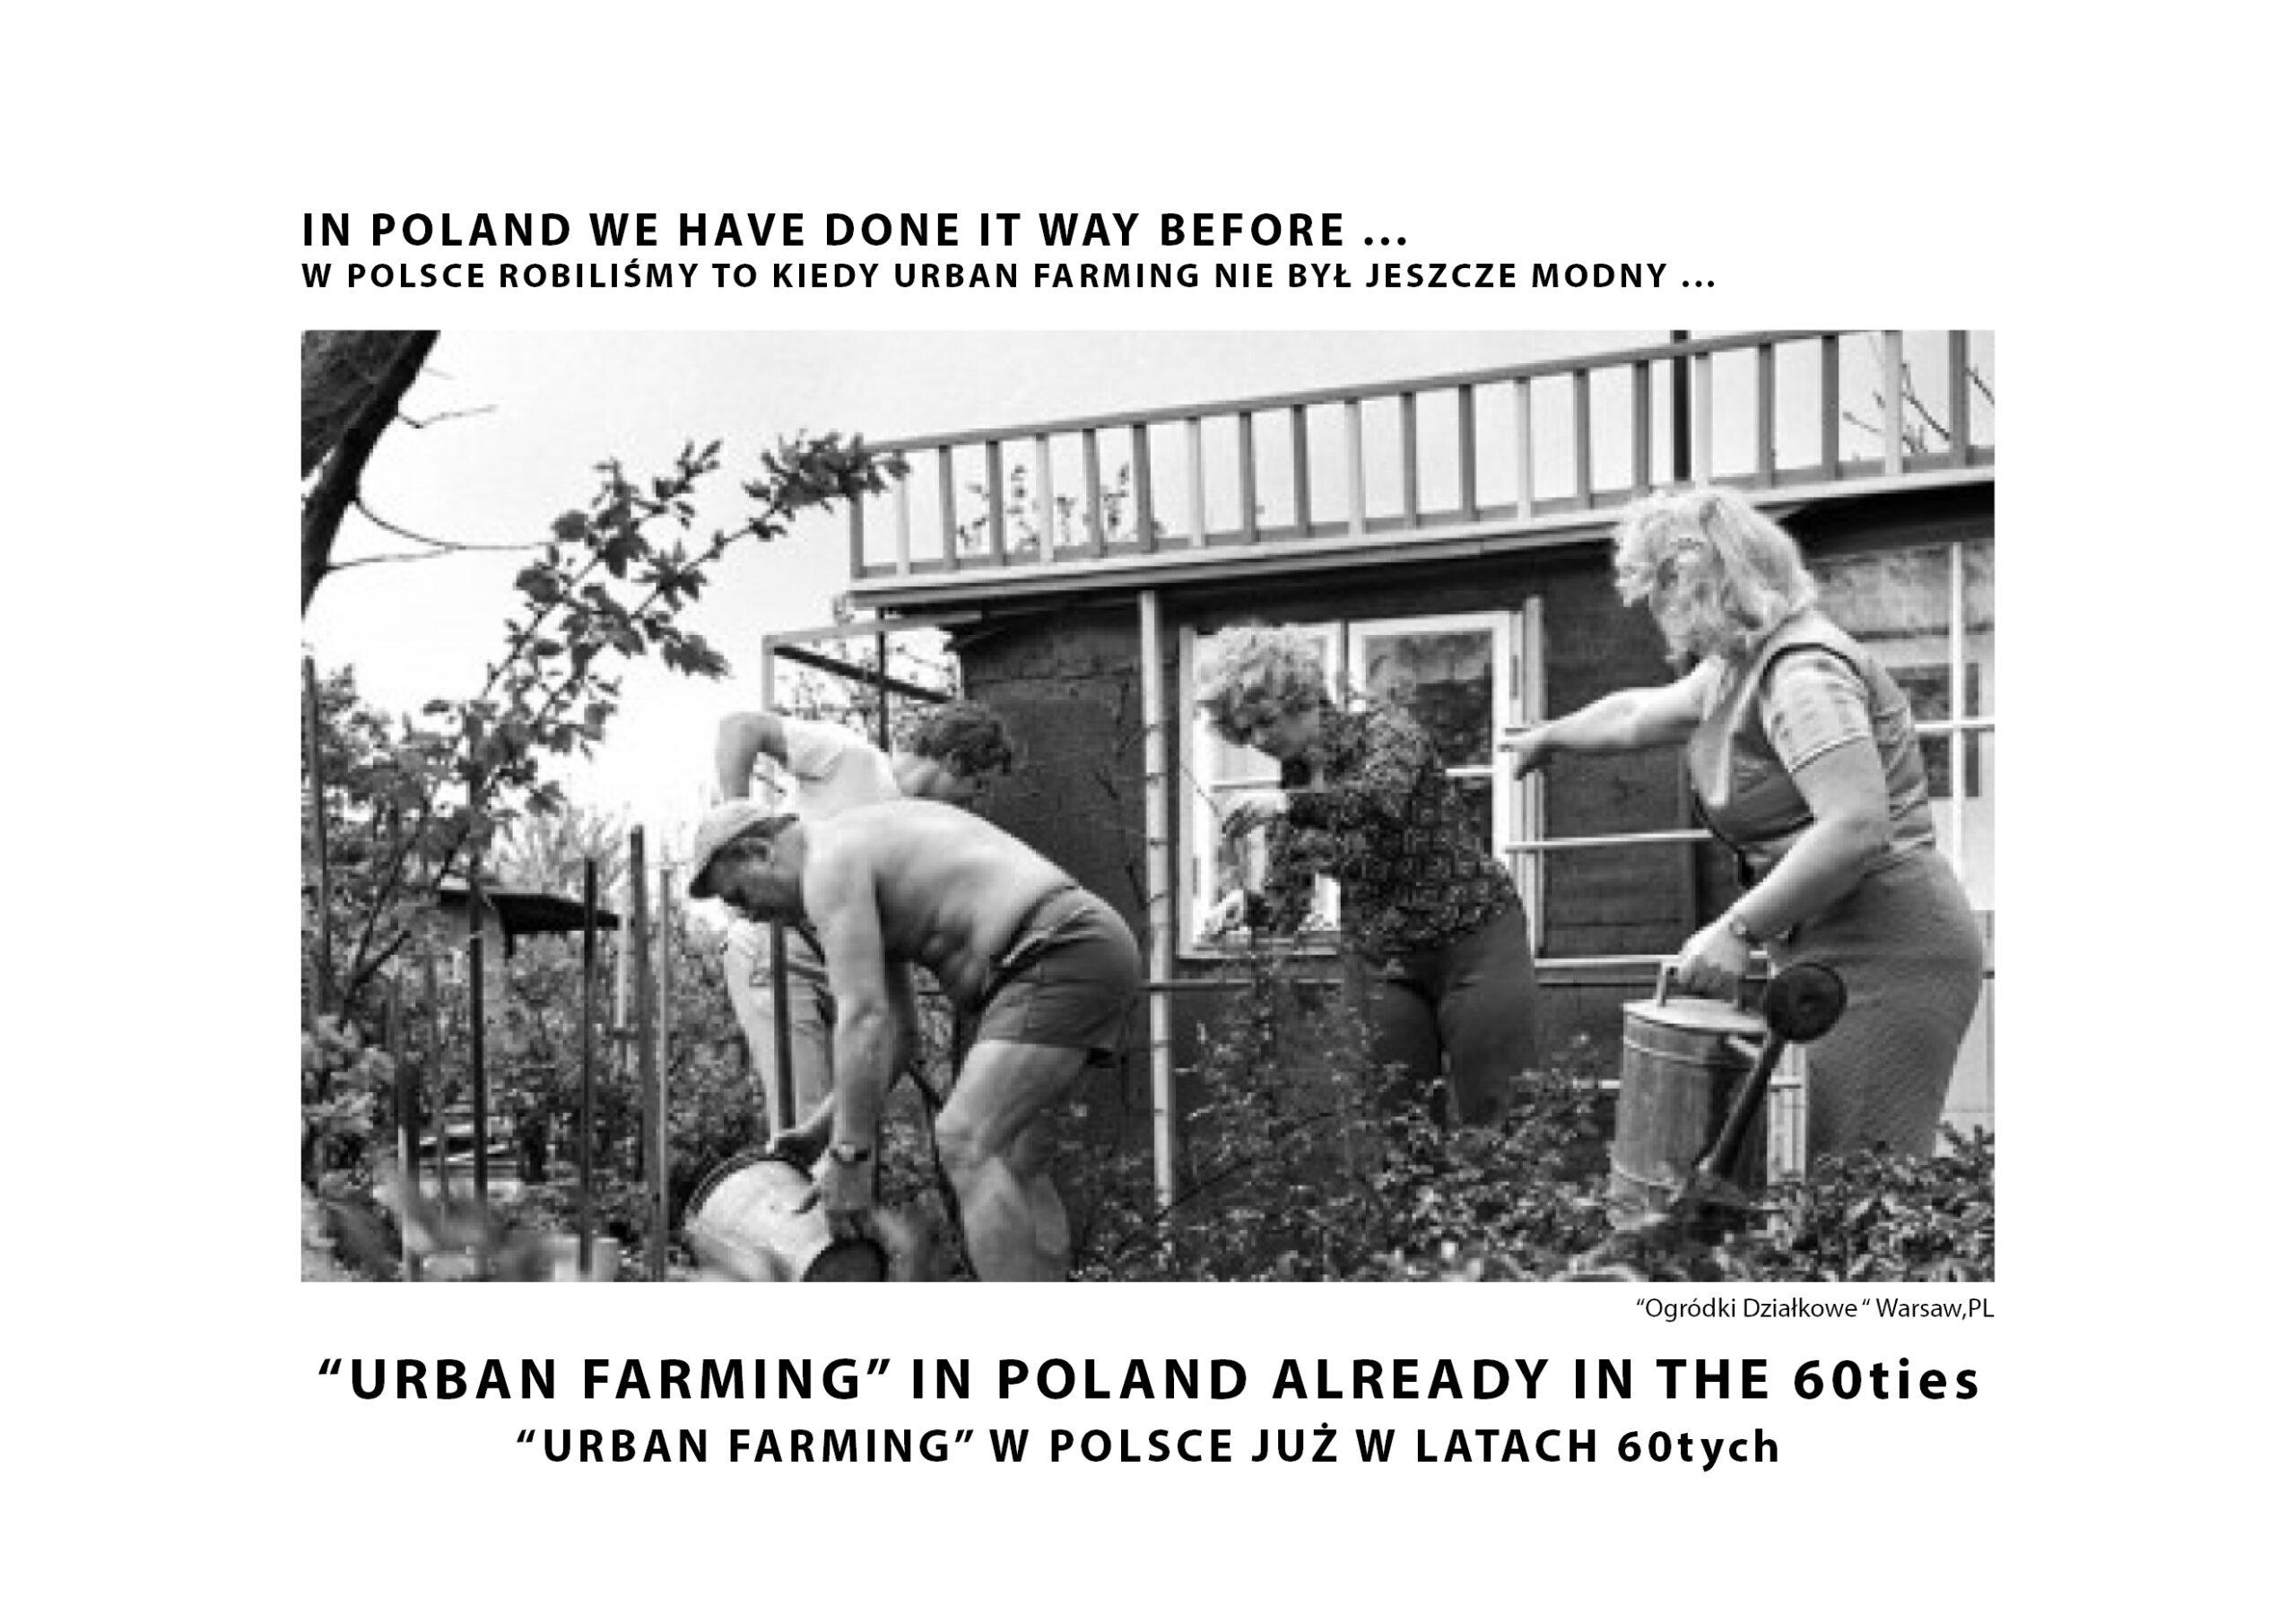 MJZ-Urban-Farming-XXI-Ogrody-Dzialkowe-Przyszlosci7-1